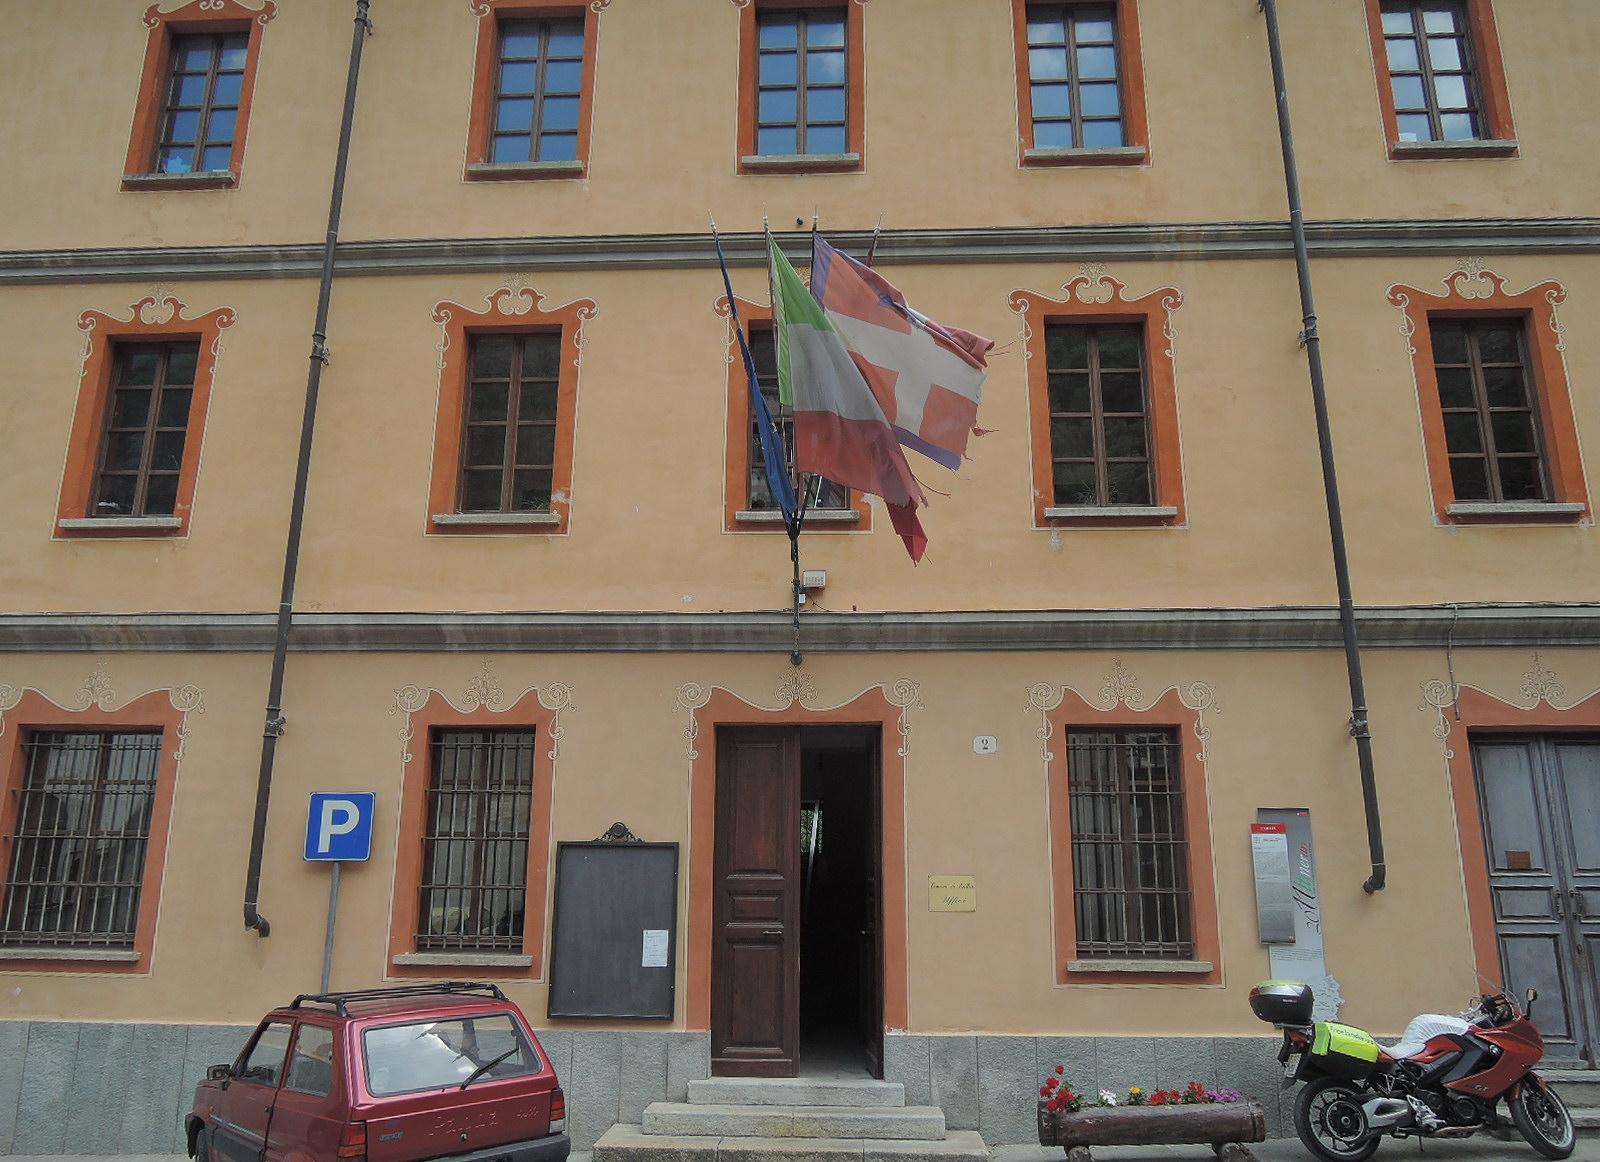 Casa consistorial en Exilles. Piamonte.